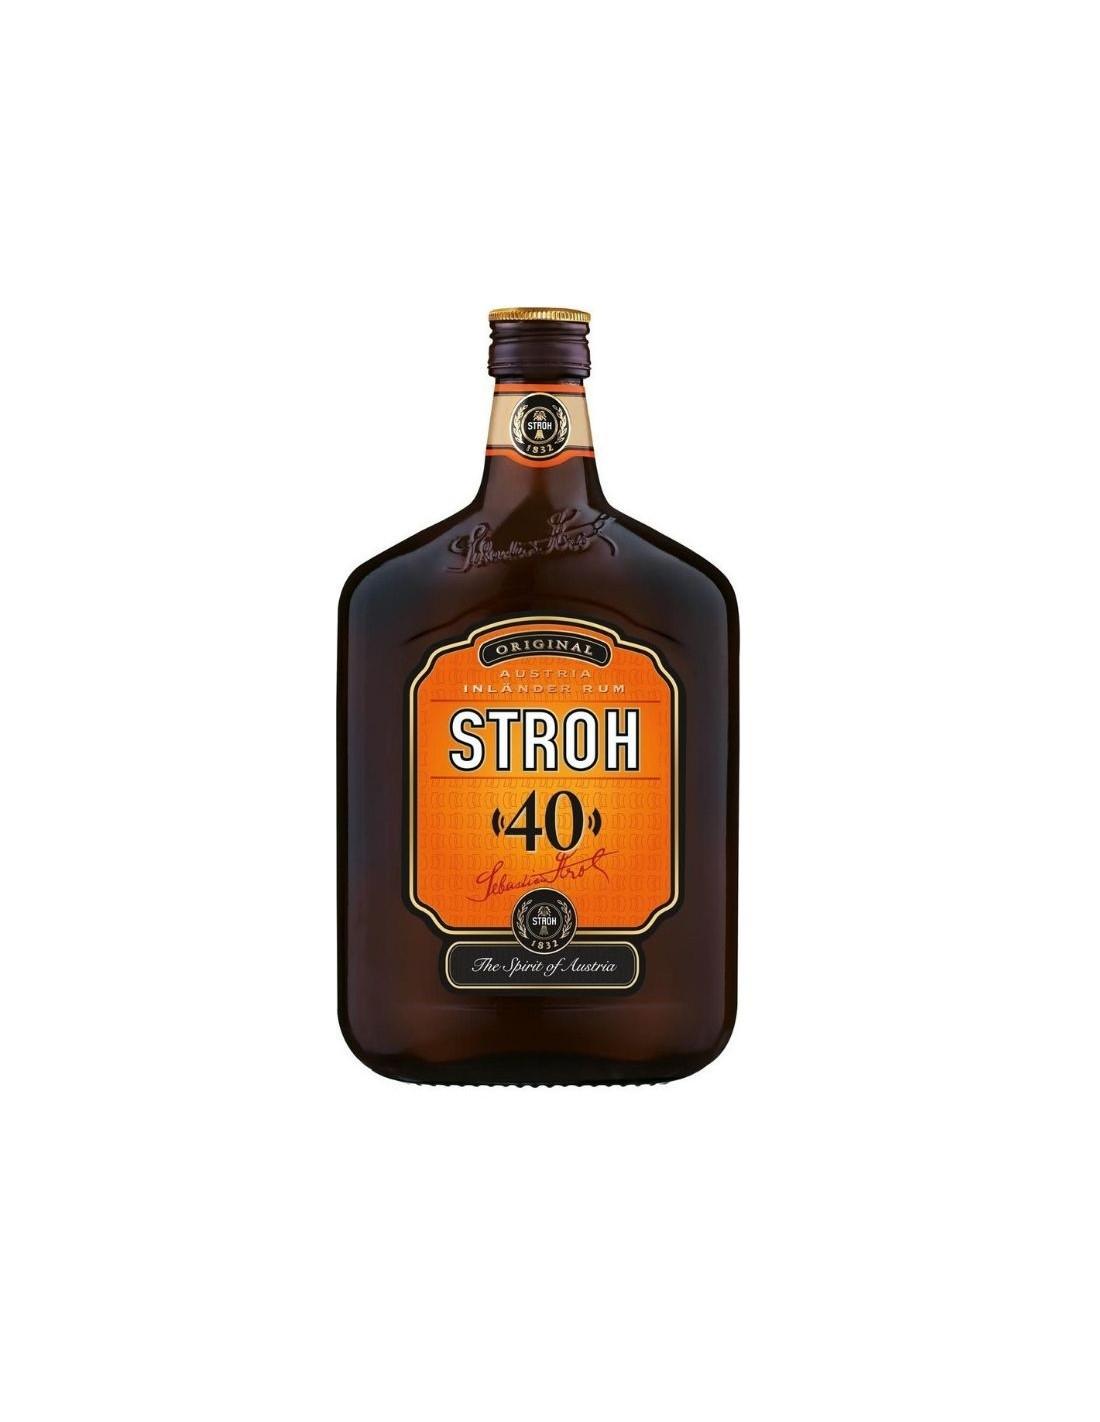 Rom Stroh, 40% alc., 0.7L, Austria, Austria